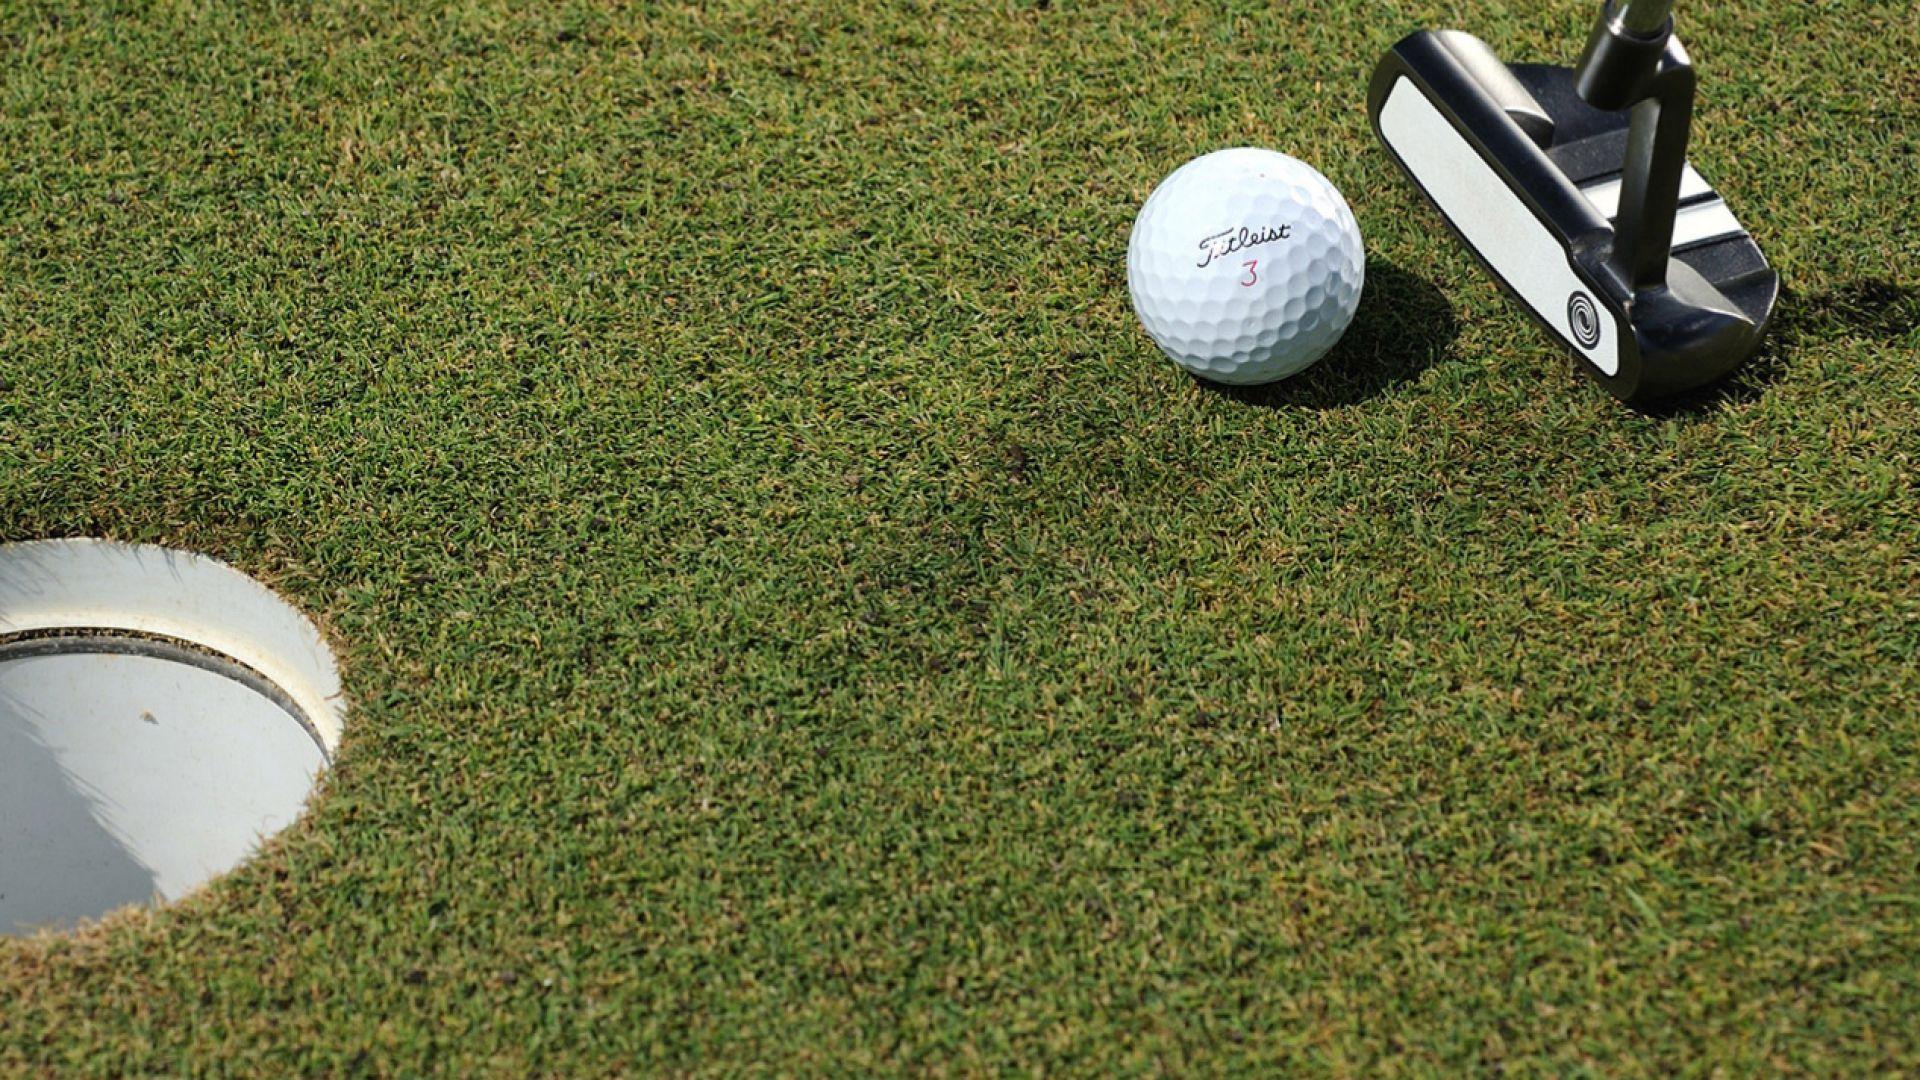 В Европа голф игрища се декларират като пасища